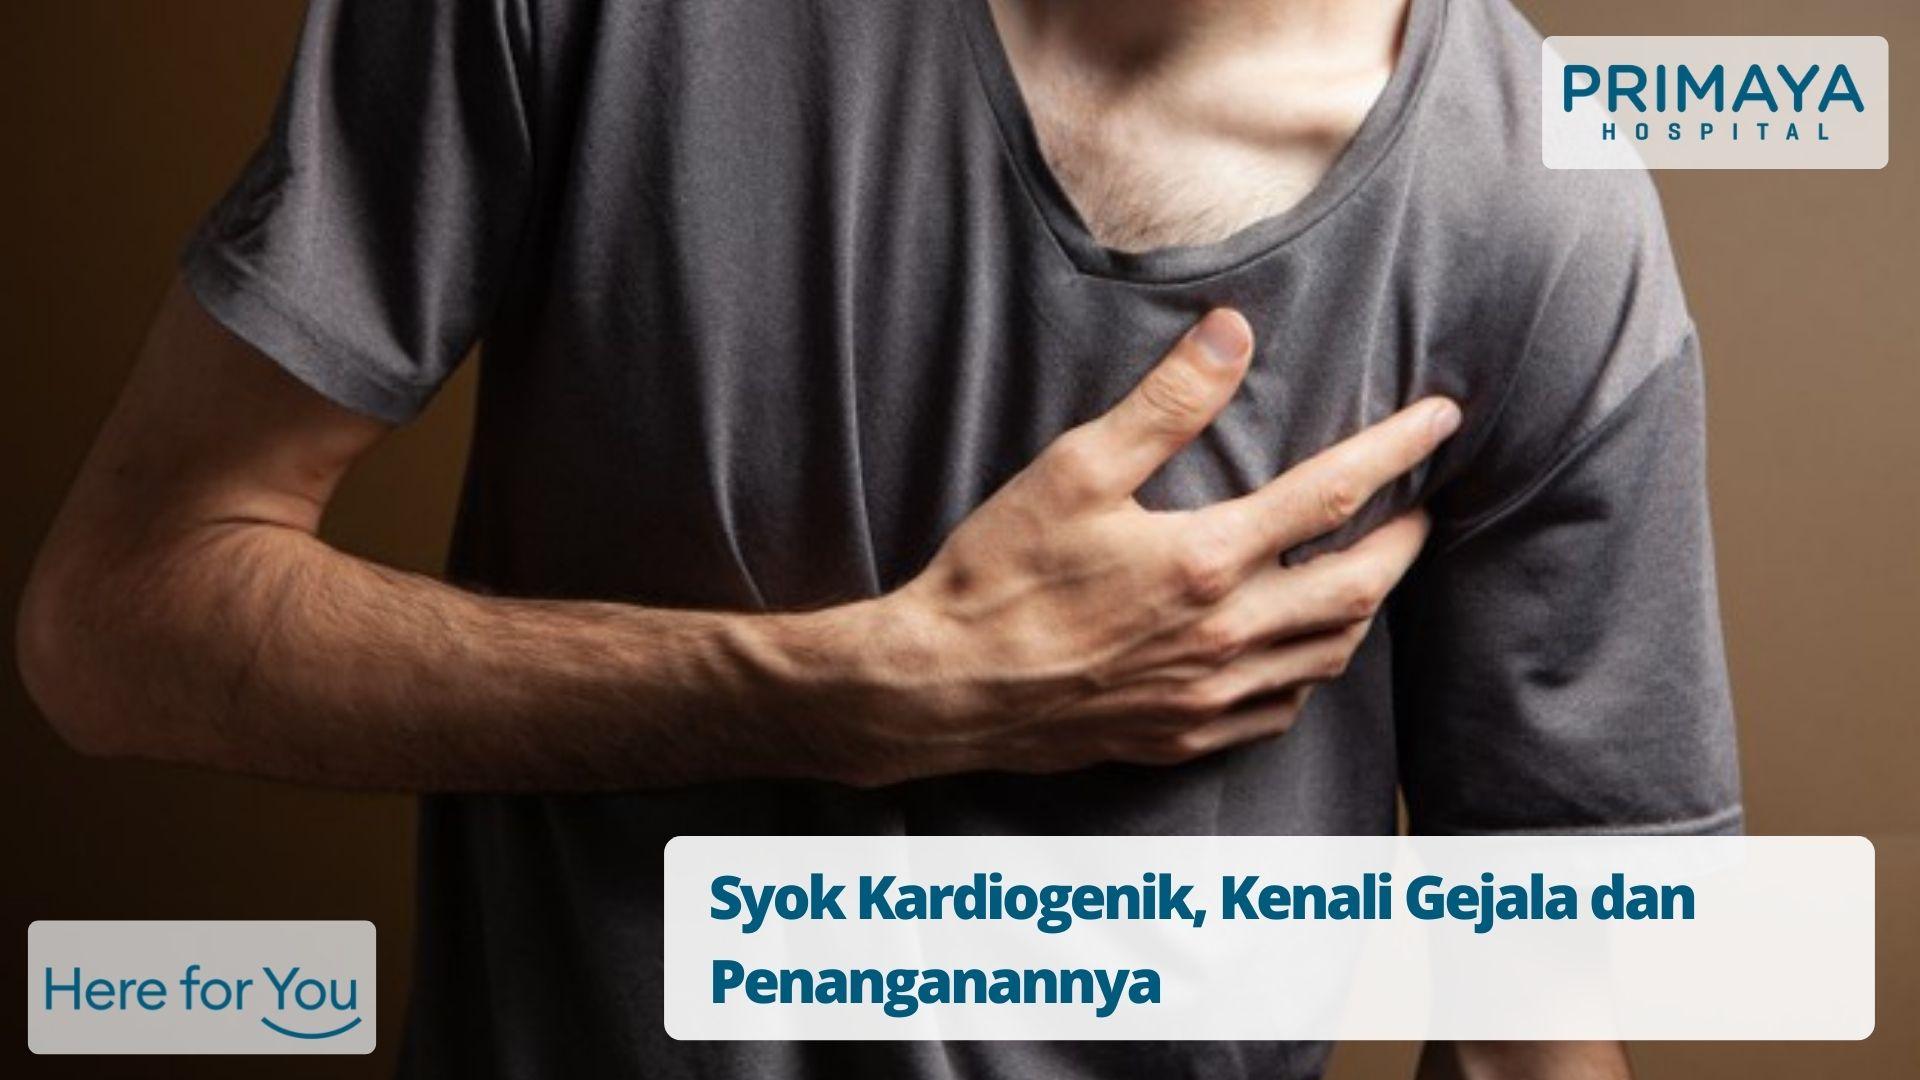 Syok Kardiogenik, Kenali Gejala dan Penanganannya